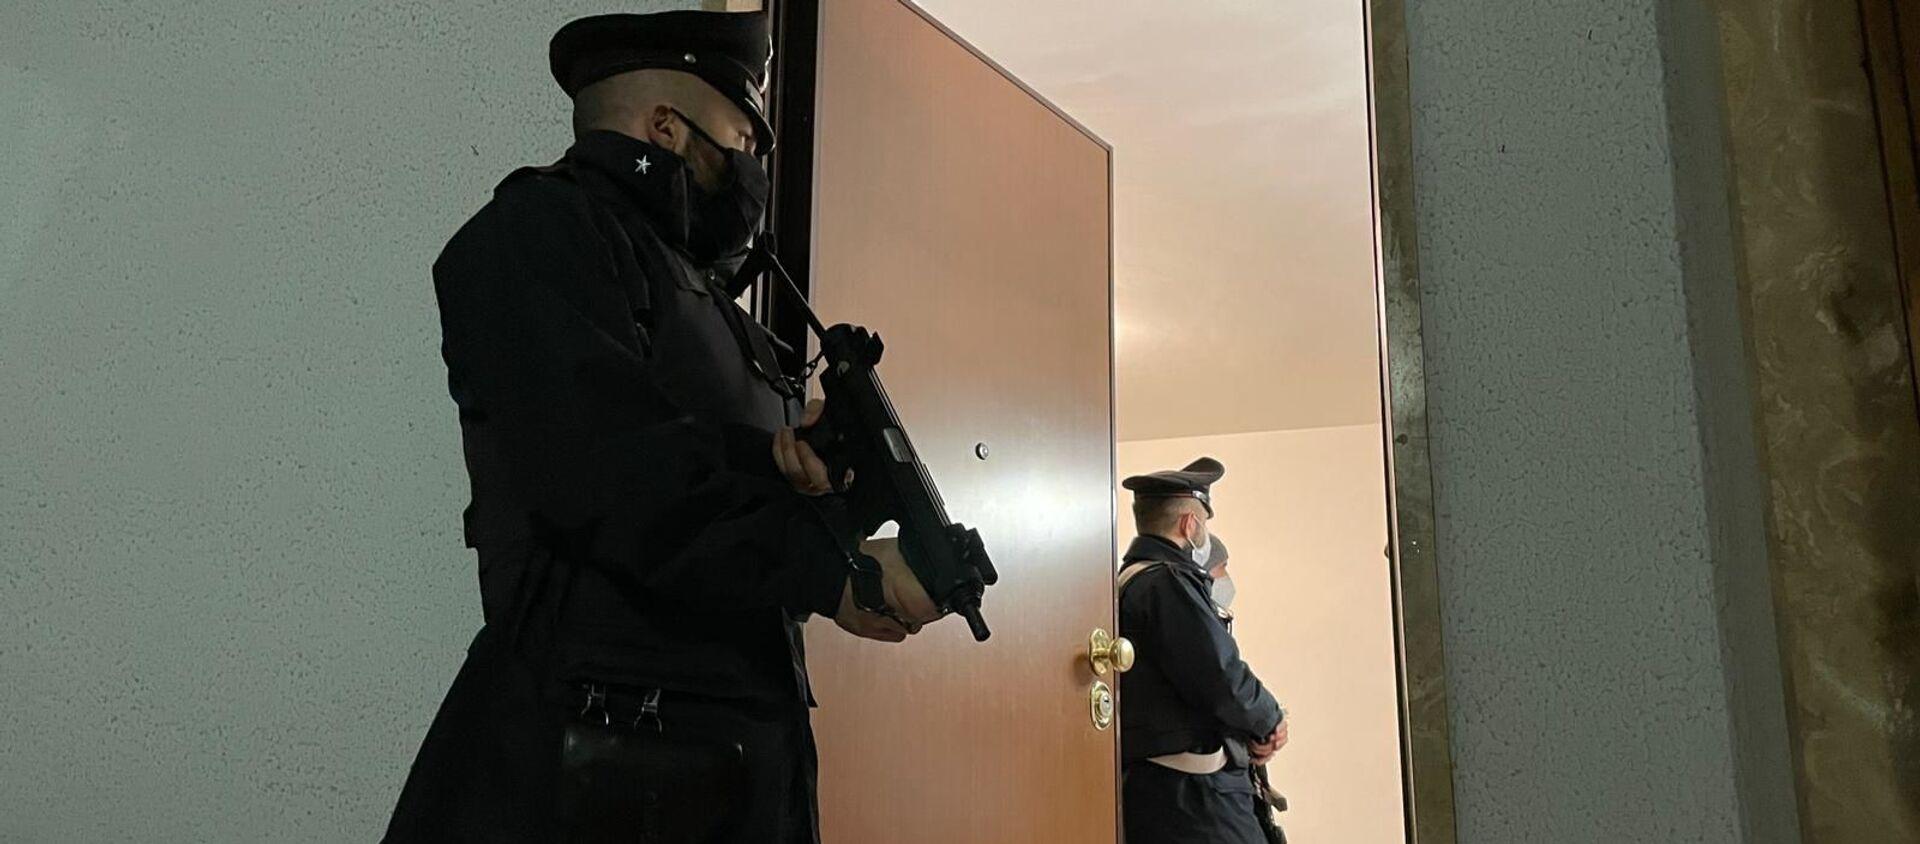 Operazione dei Carabinieri contro il cartello della droga della Camorra a Roma - Sputnik Italia, 1920, 22.01.2021